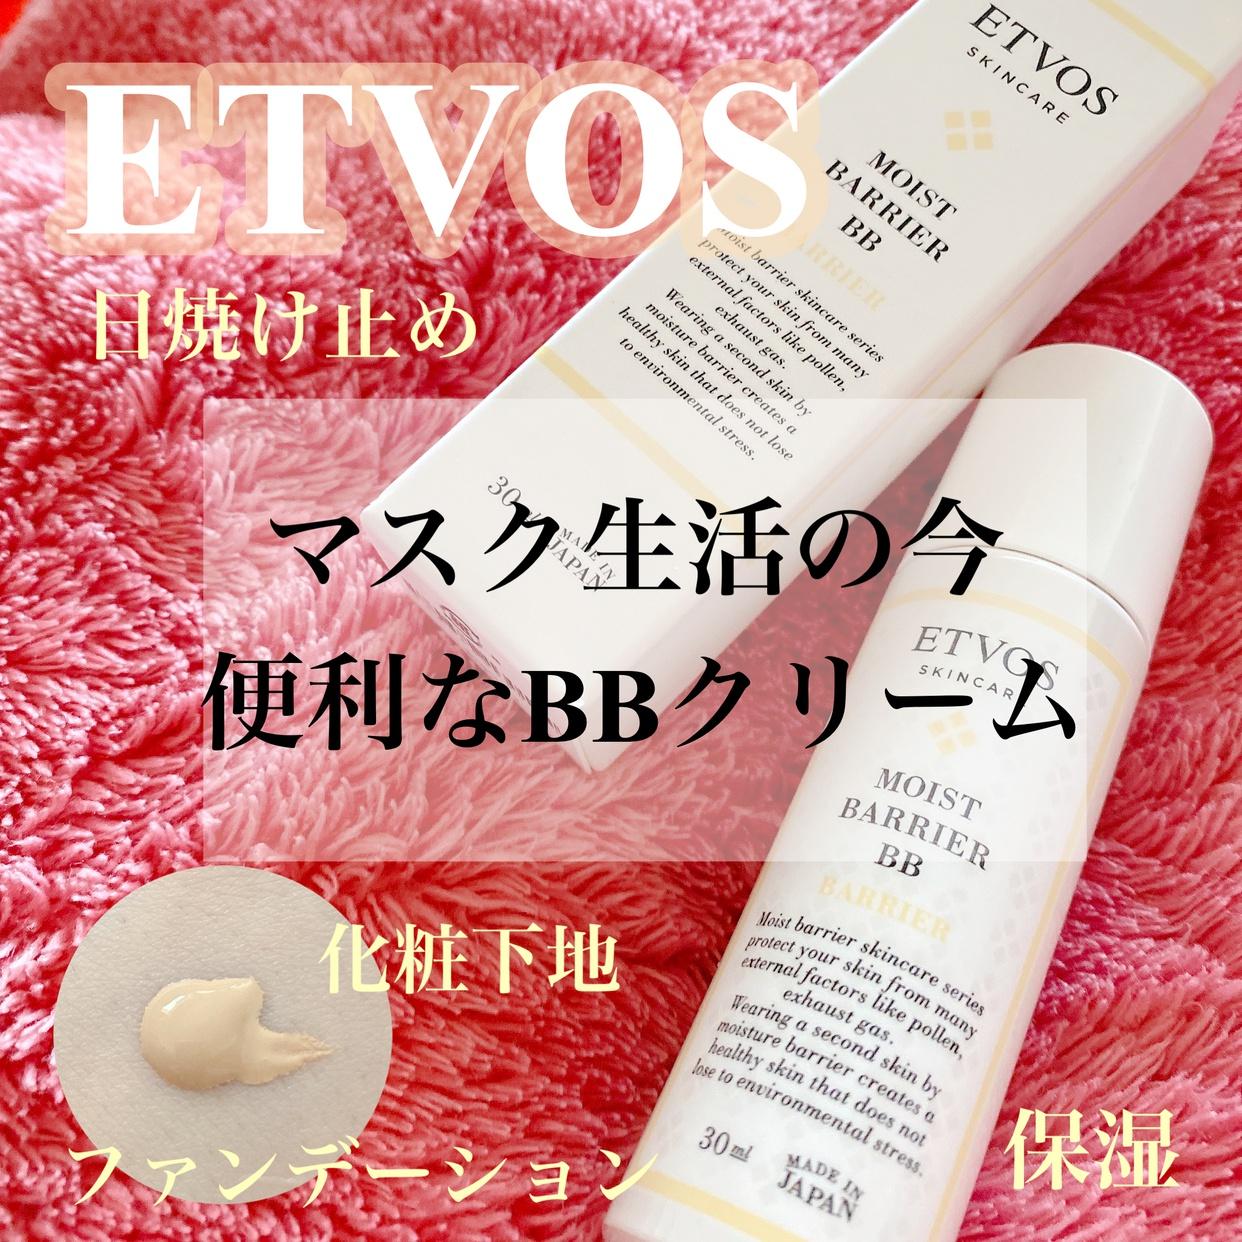 ETVOS(エトヴォス)モイストバリアBBを使ったOLちゃんさんのクチコミ画像